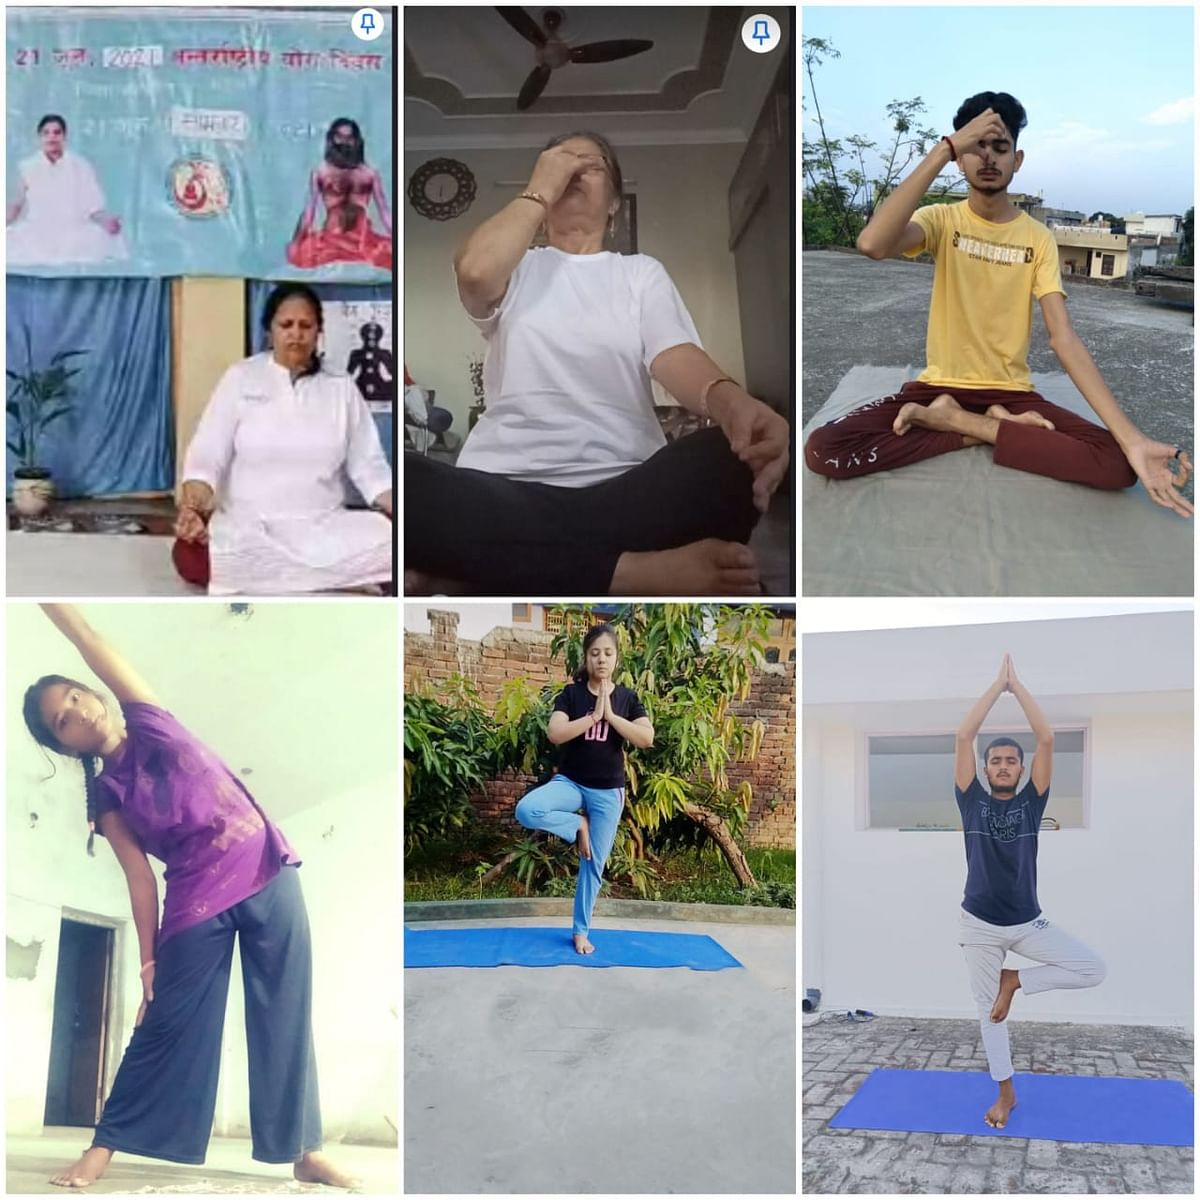 7वां अंतर्राष्ट्रीय योग दिवस के उपलक्ष पर एनएसएस स्वयंसेवकों ने योग अभयास किया